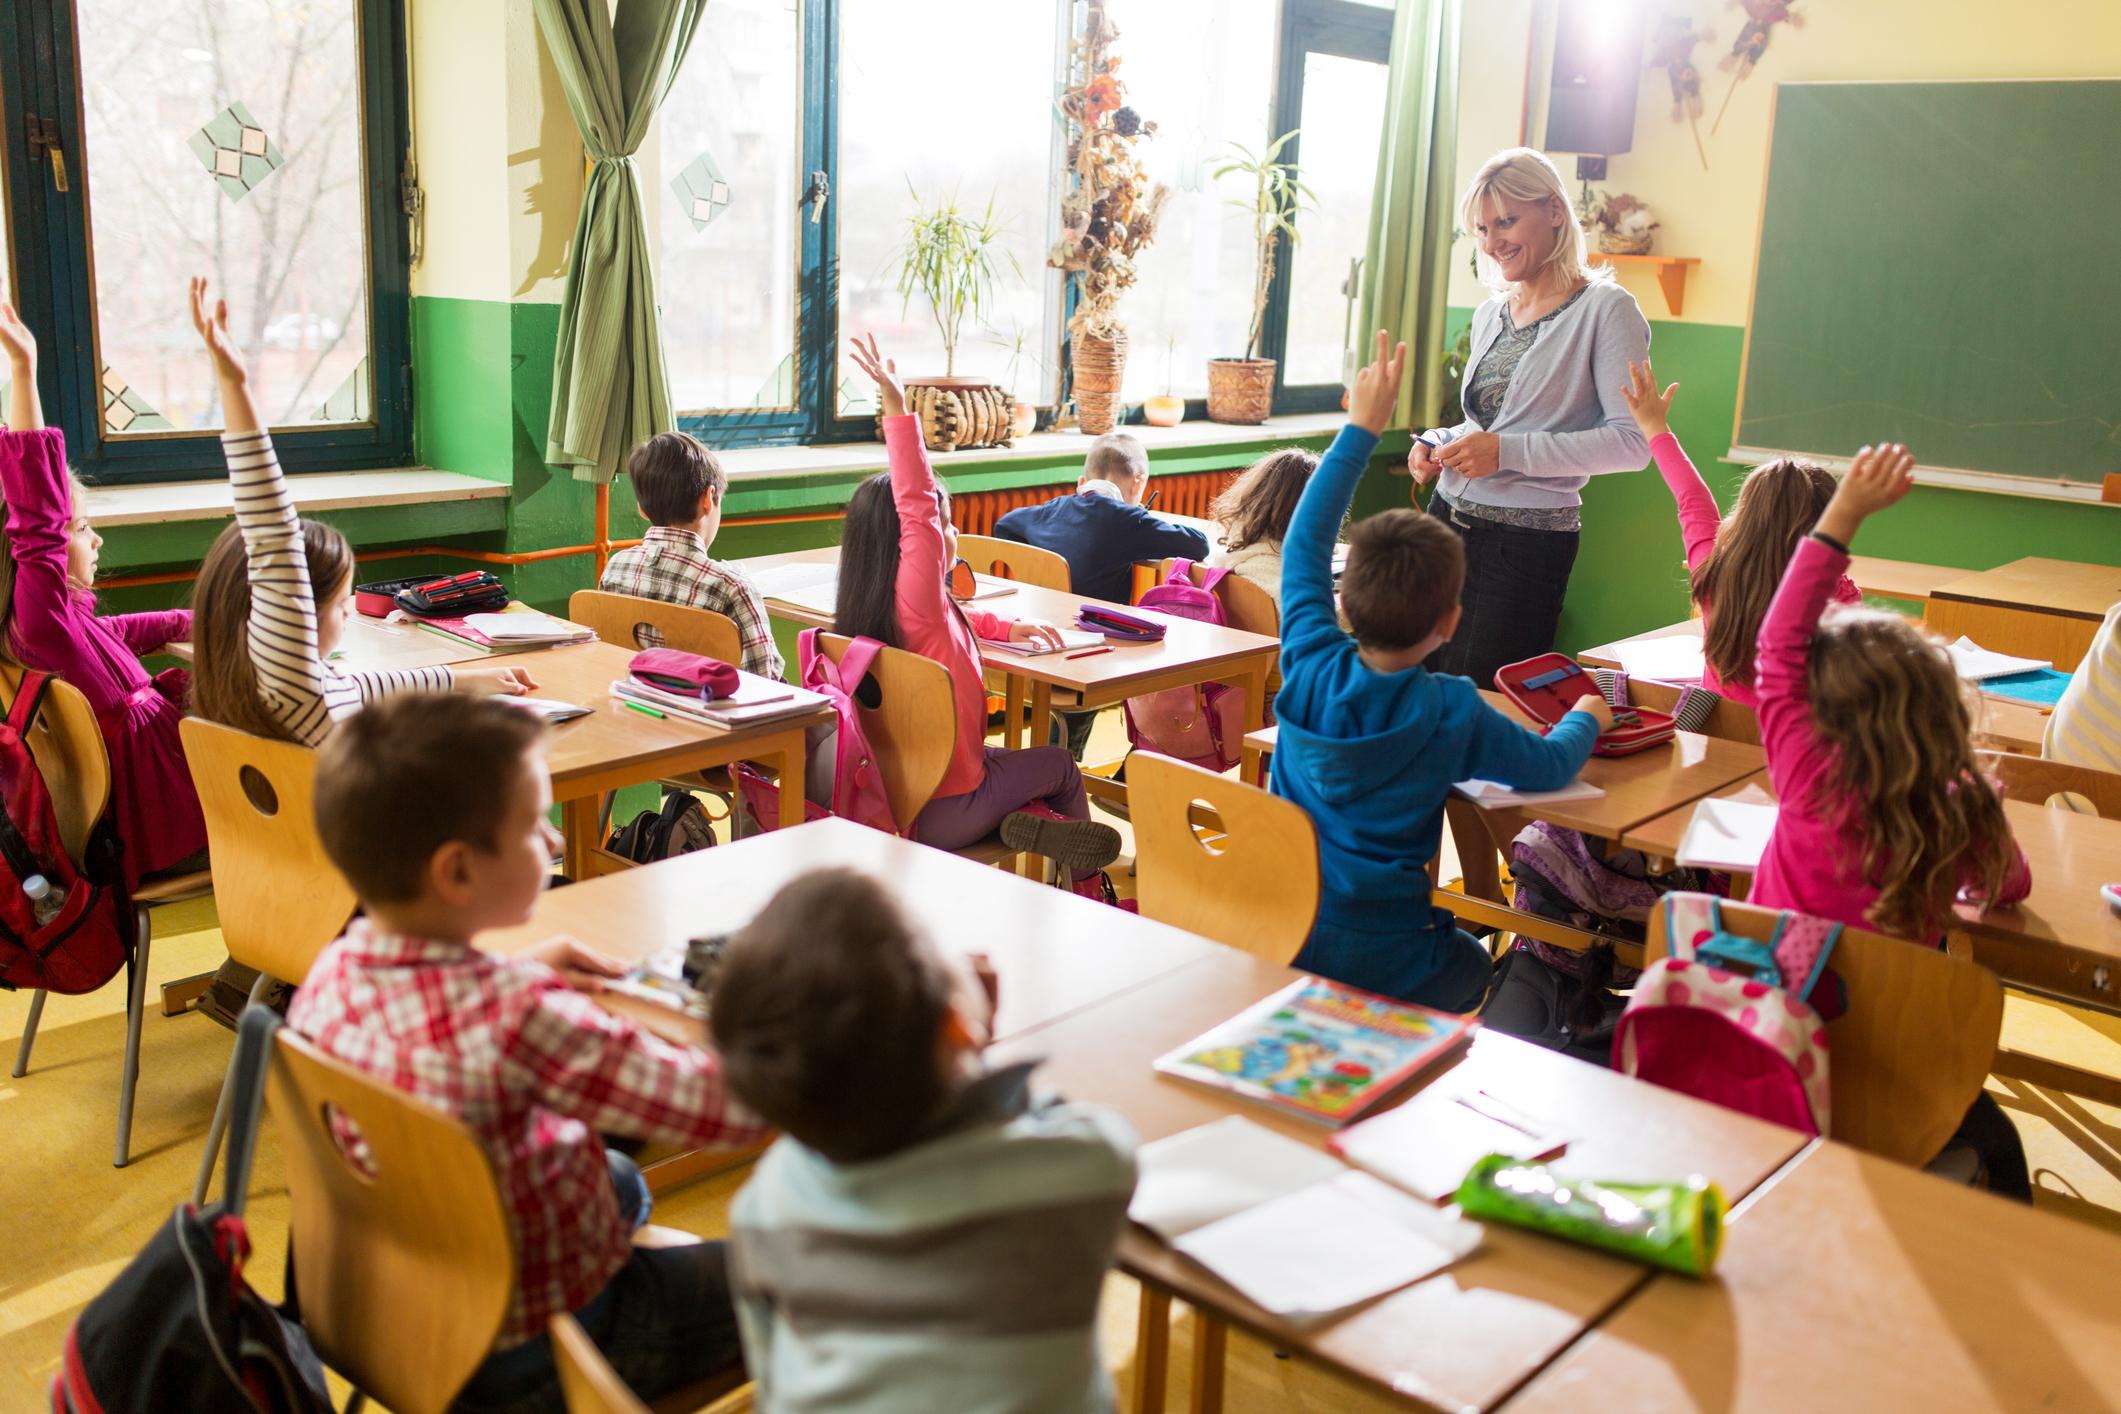 Le ministre de l'Éducation annonce une dictée quotidienne en primaire